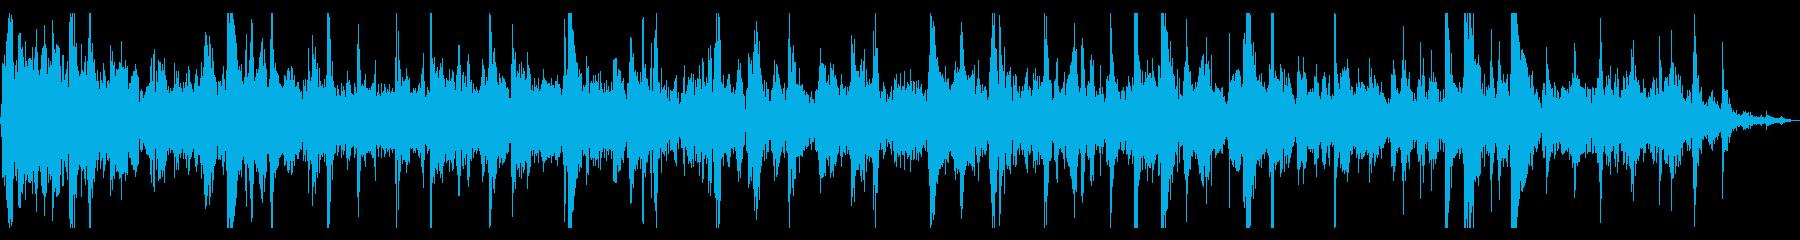 水中で泡がぶくぶく弾ける音の再生済みの波形